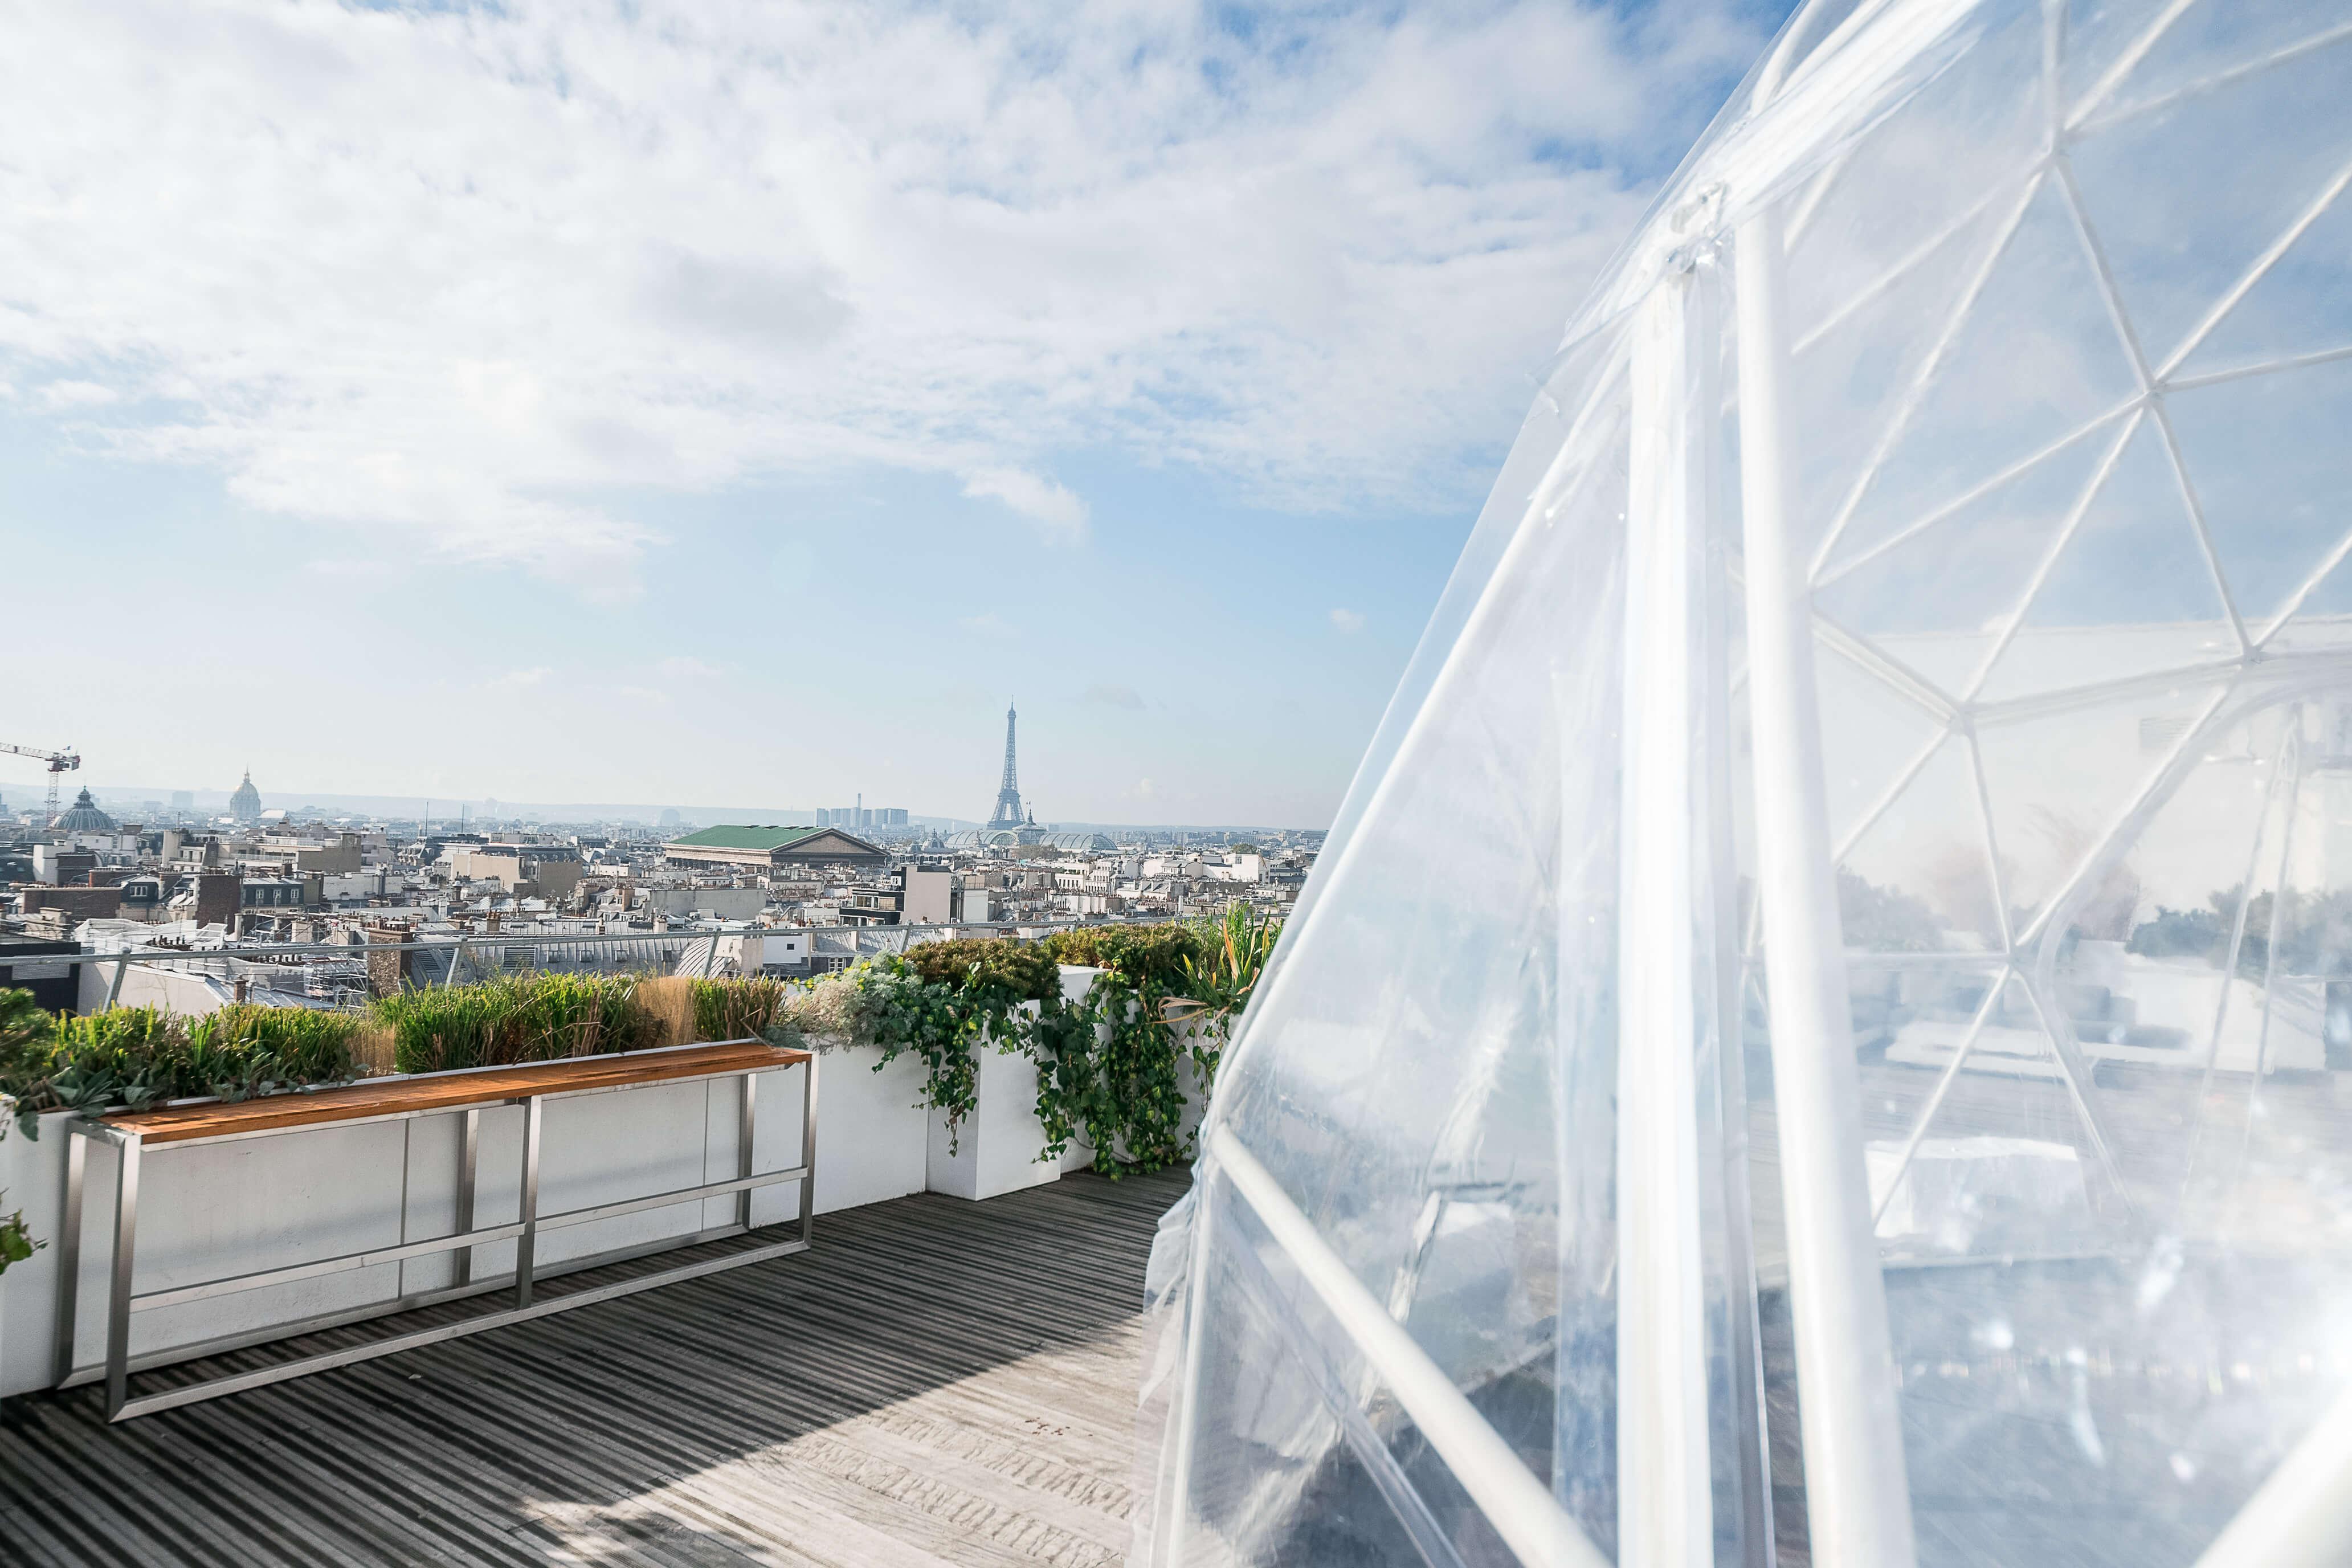 Dôme Géodésique sur un rooftop avec vue sur la tour eiffel